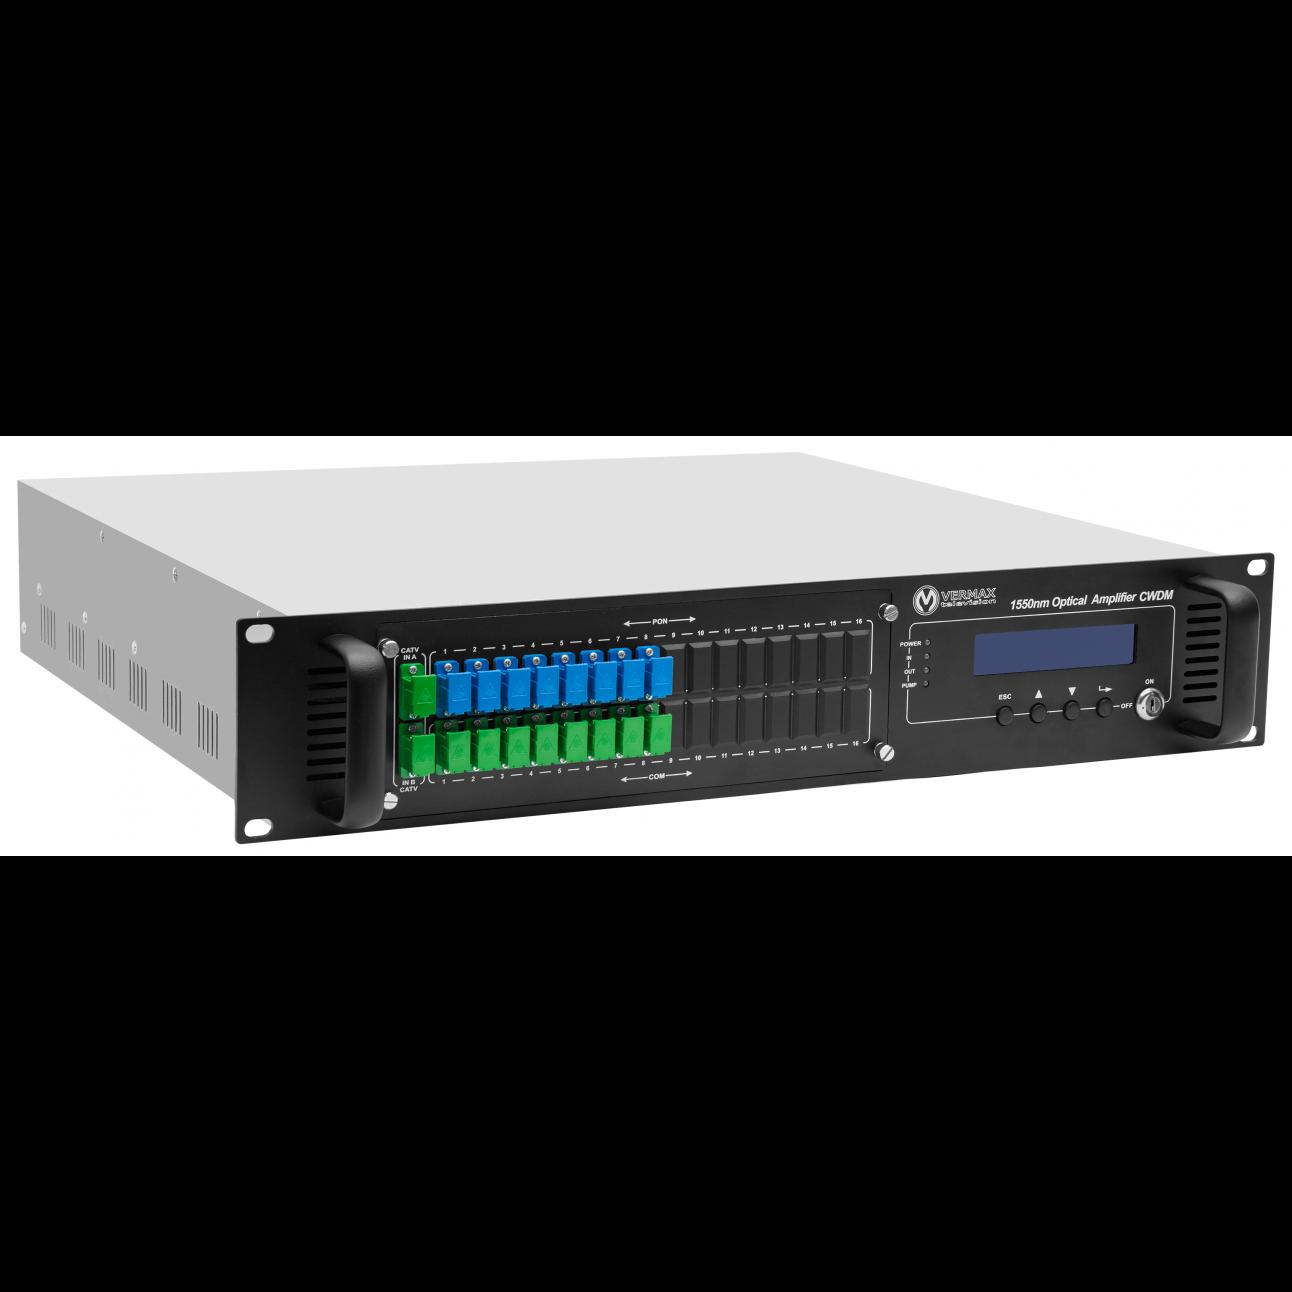 Оптический усилитель VERMAX для сетей КТВ, 2 входа, 8*17dBm выходов, WDM фильтр PON